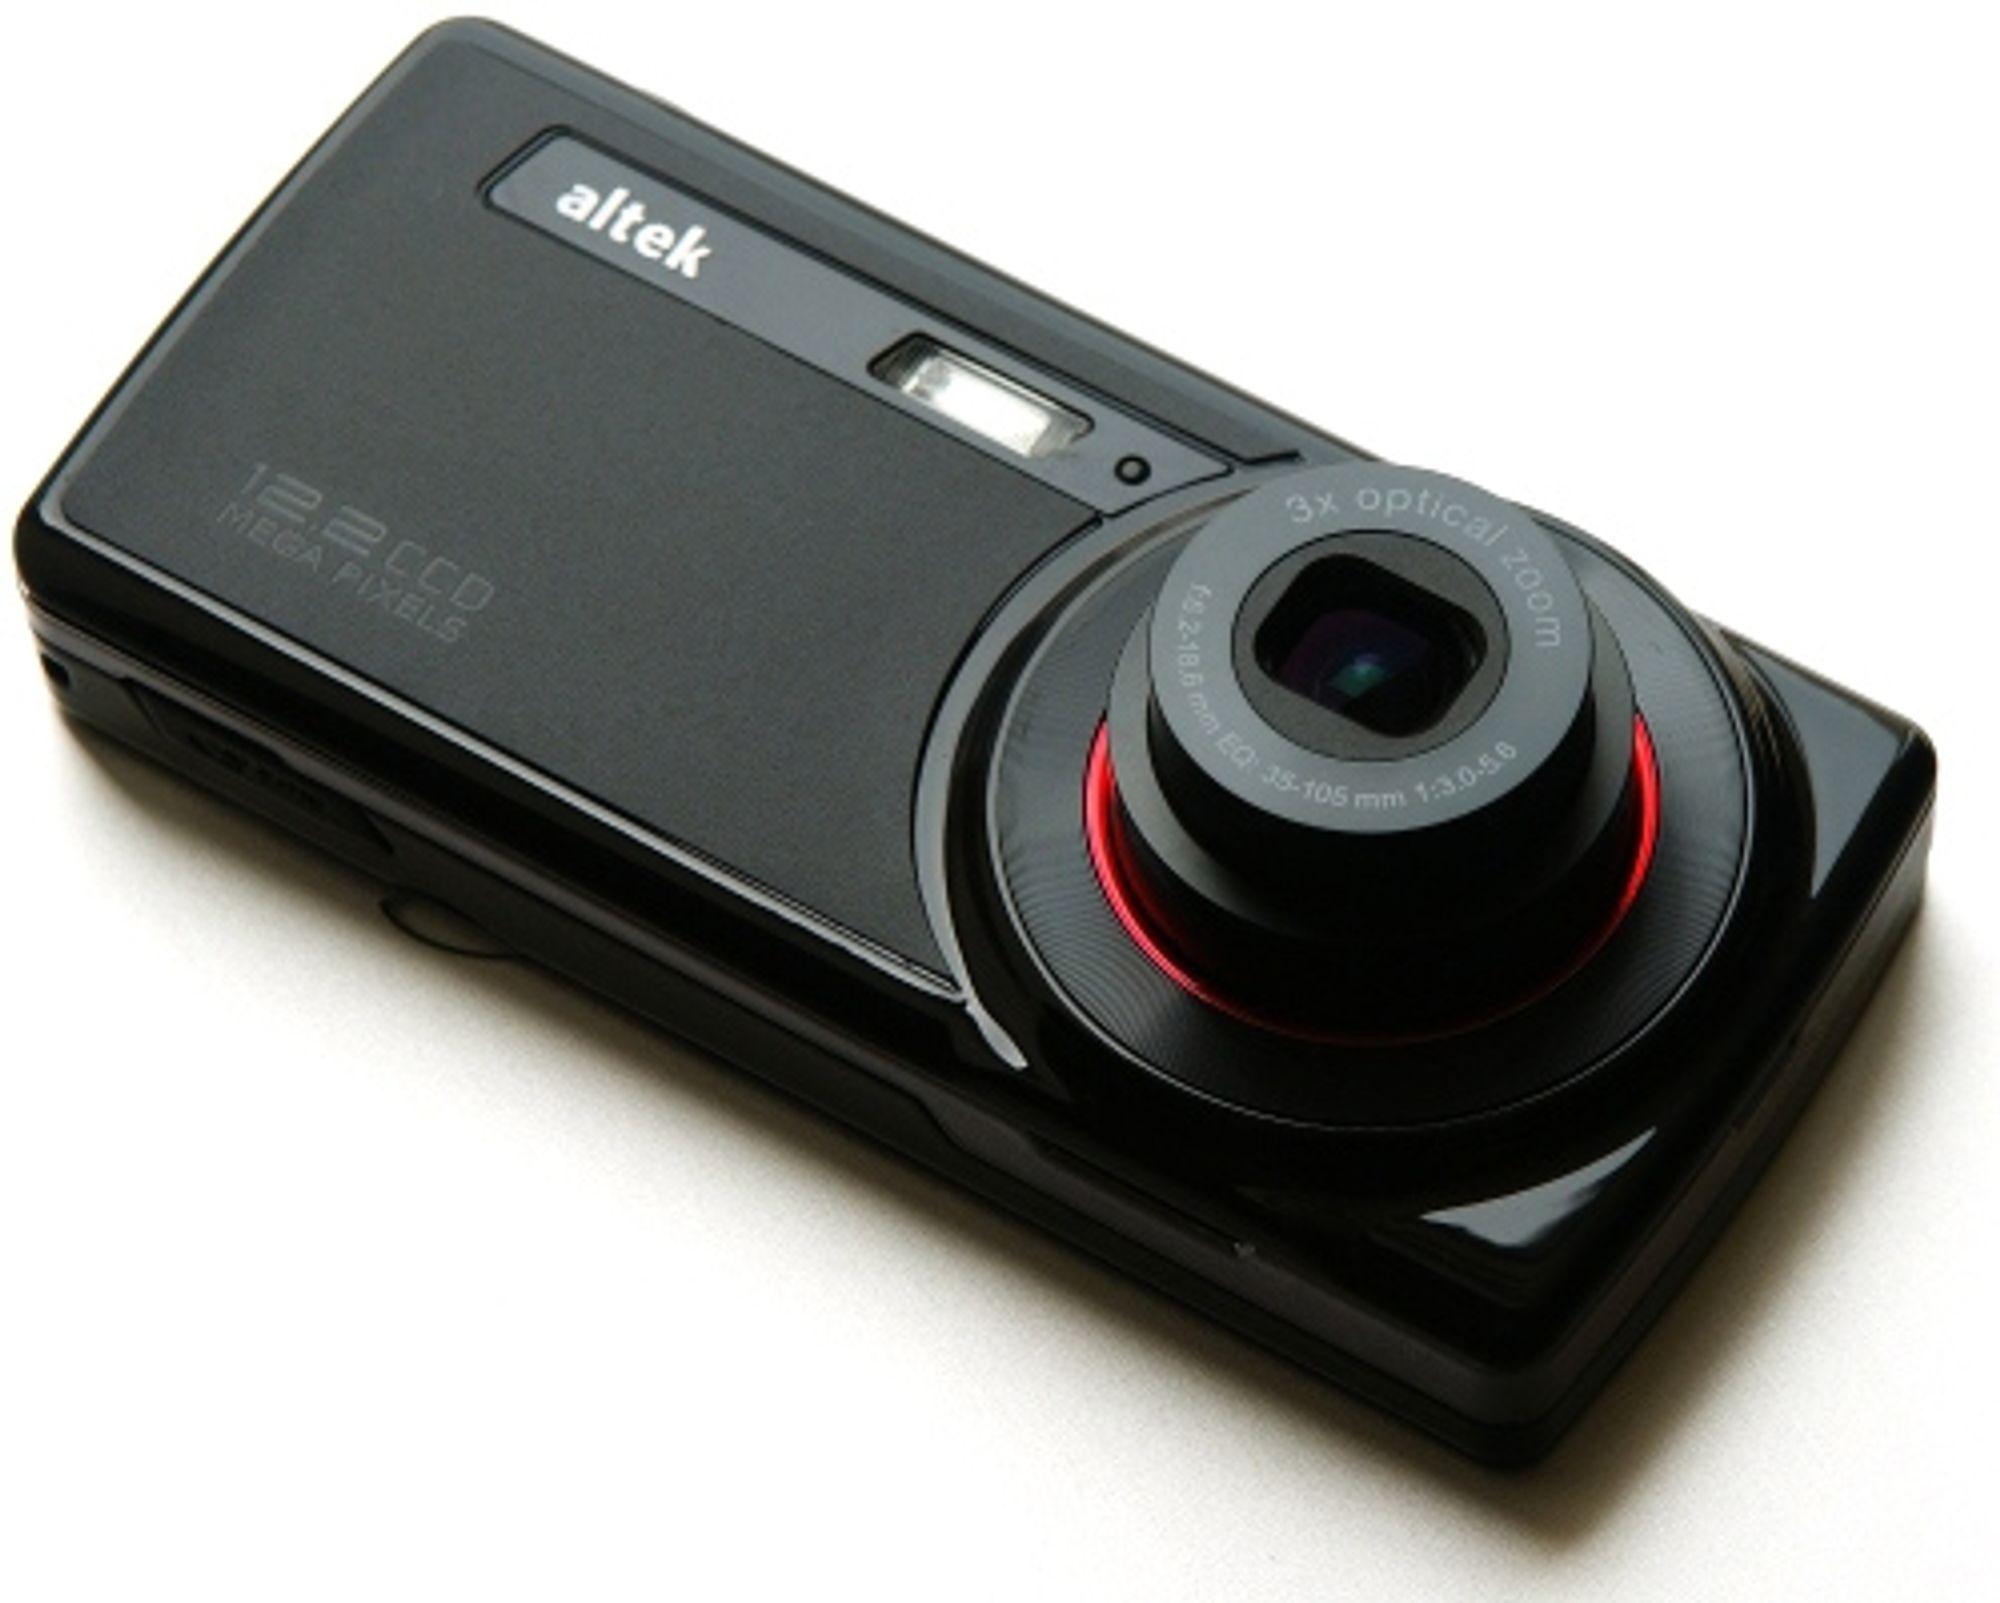 Er den en telefon eller et kamera eller ingen av delene?